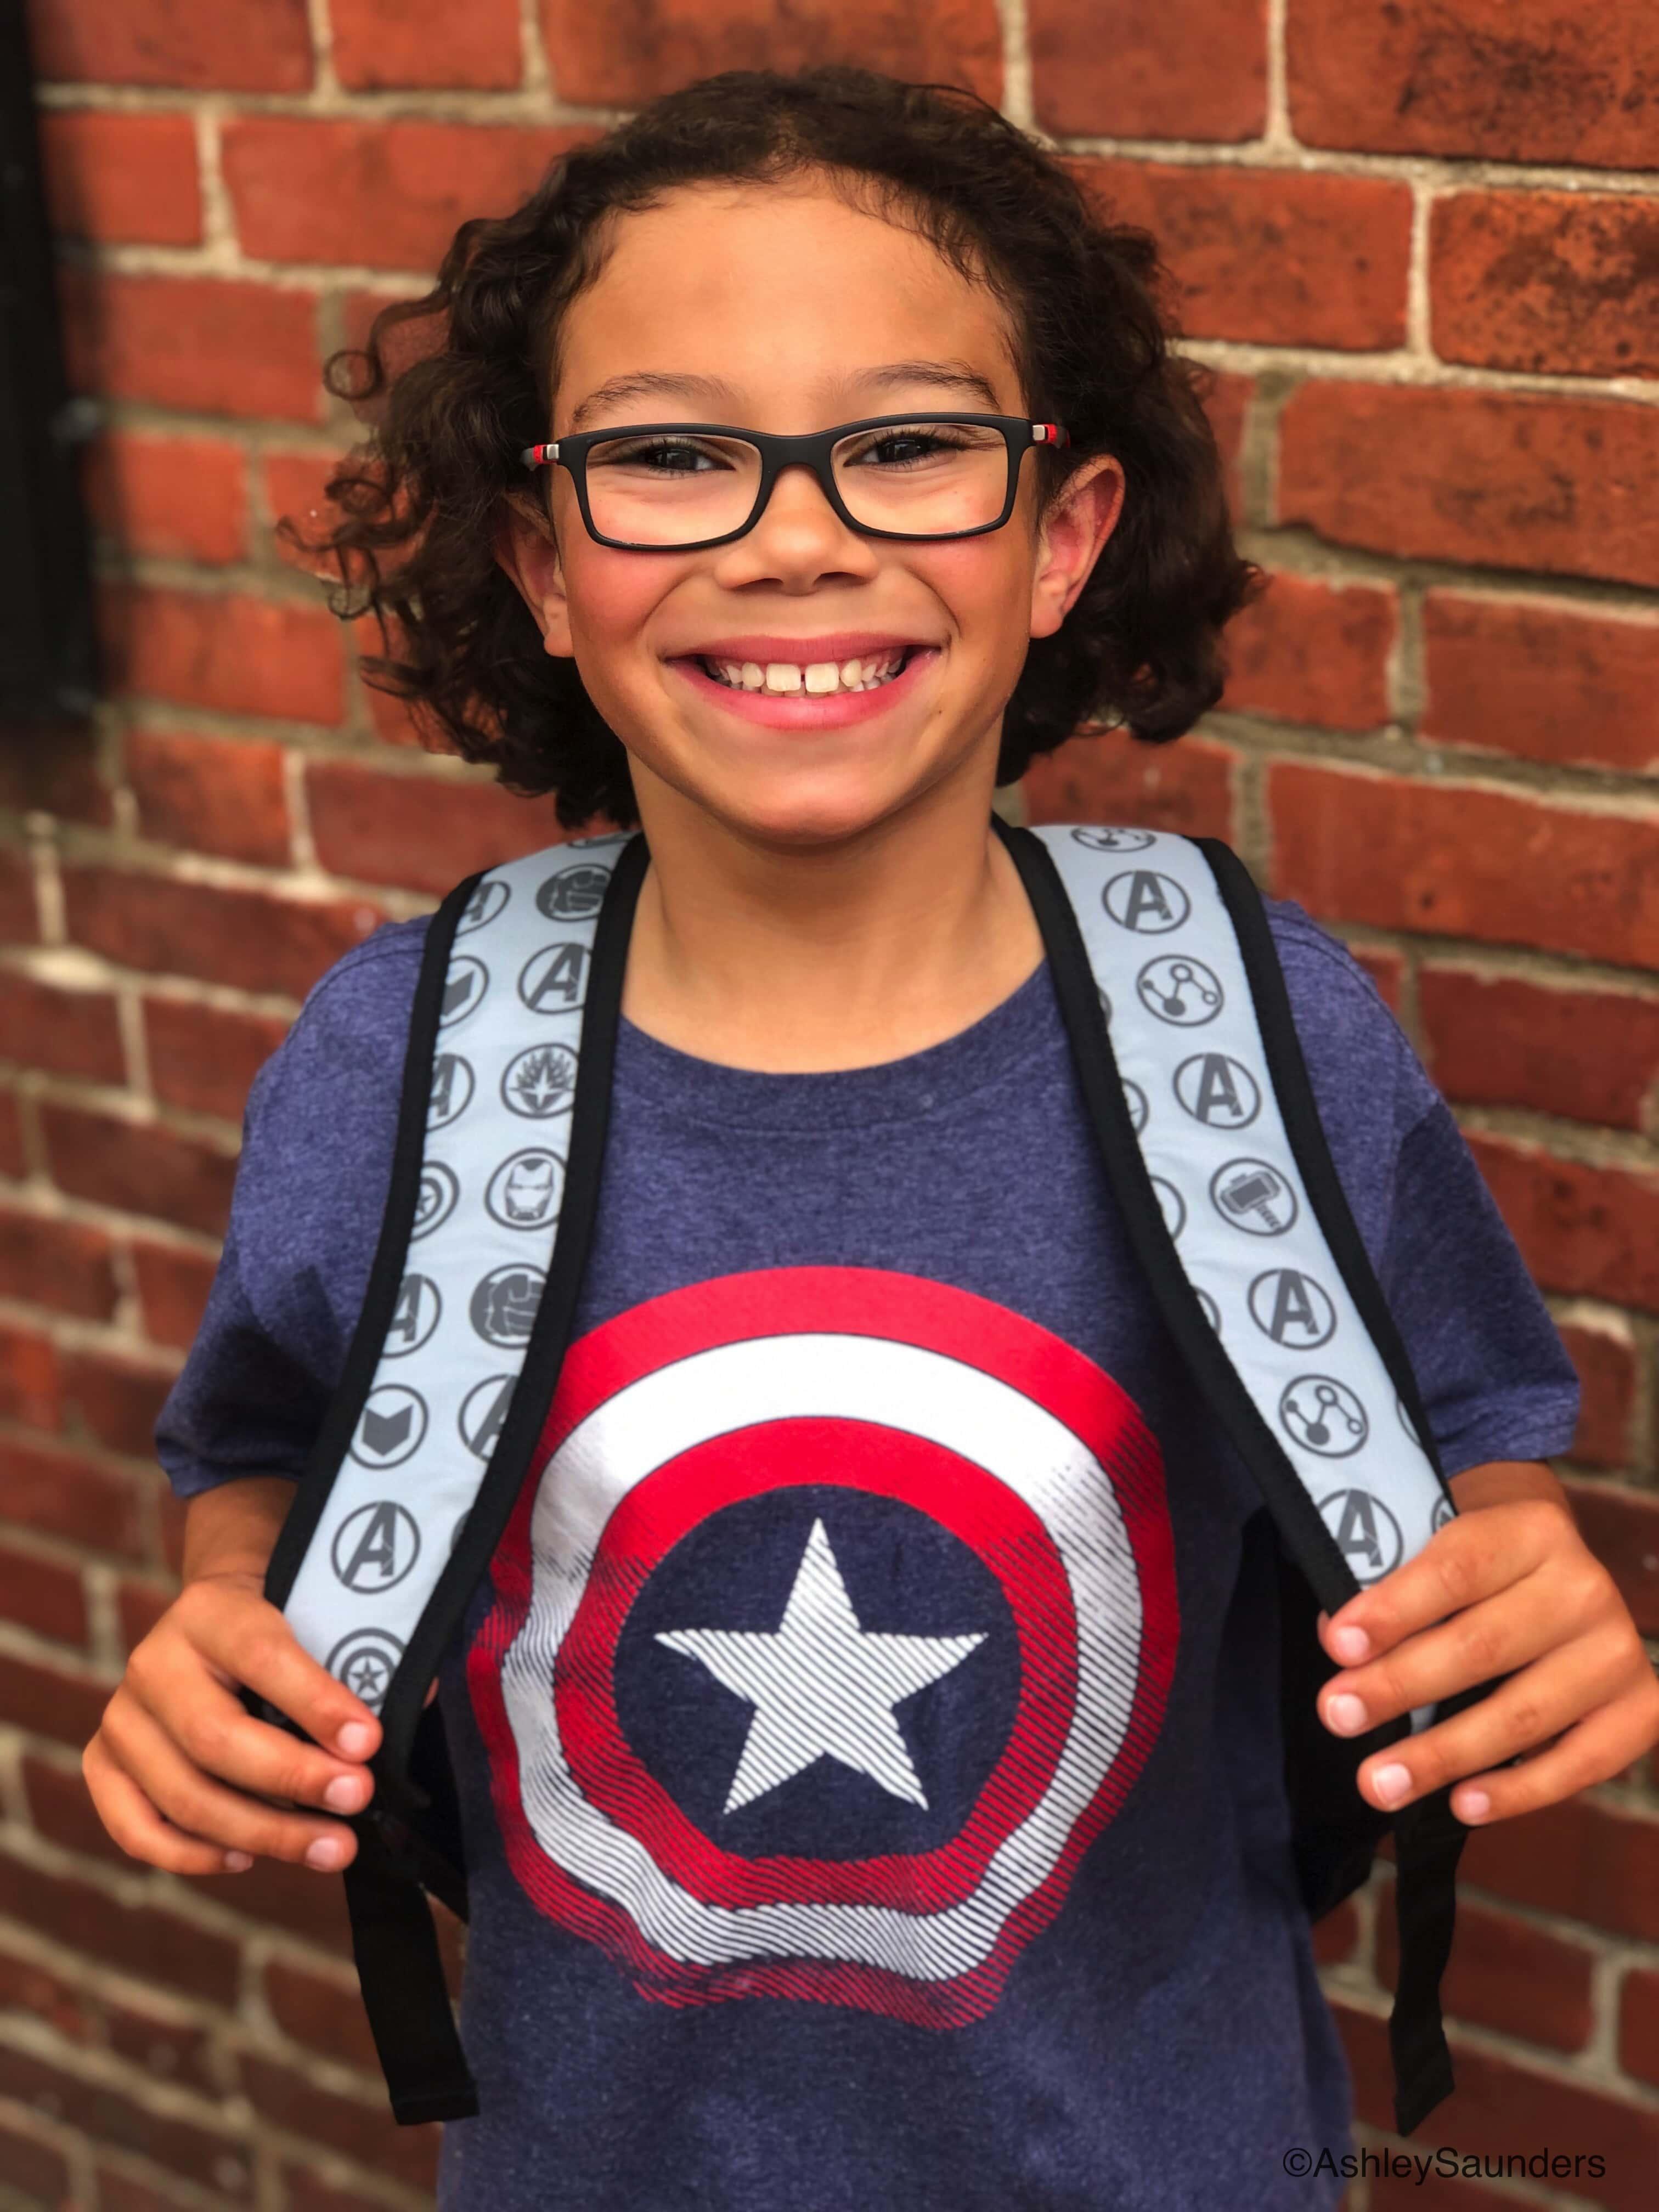 Avengers Endgame Back-To-School